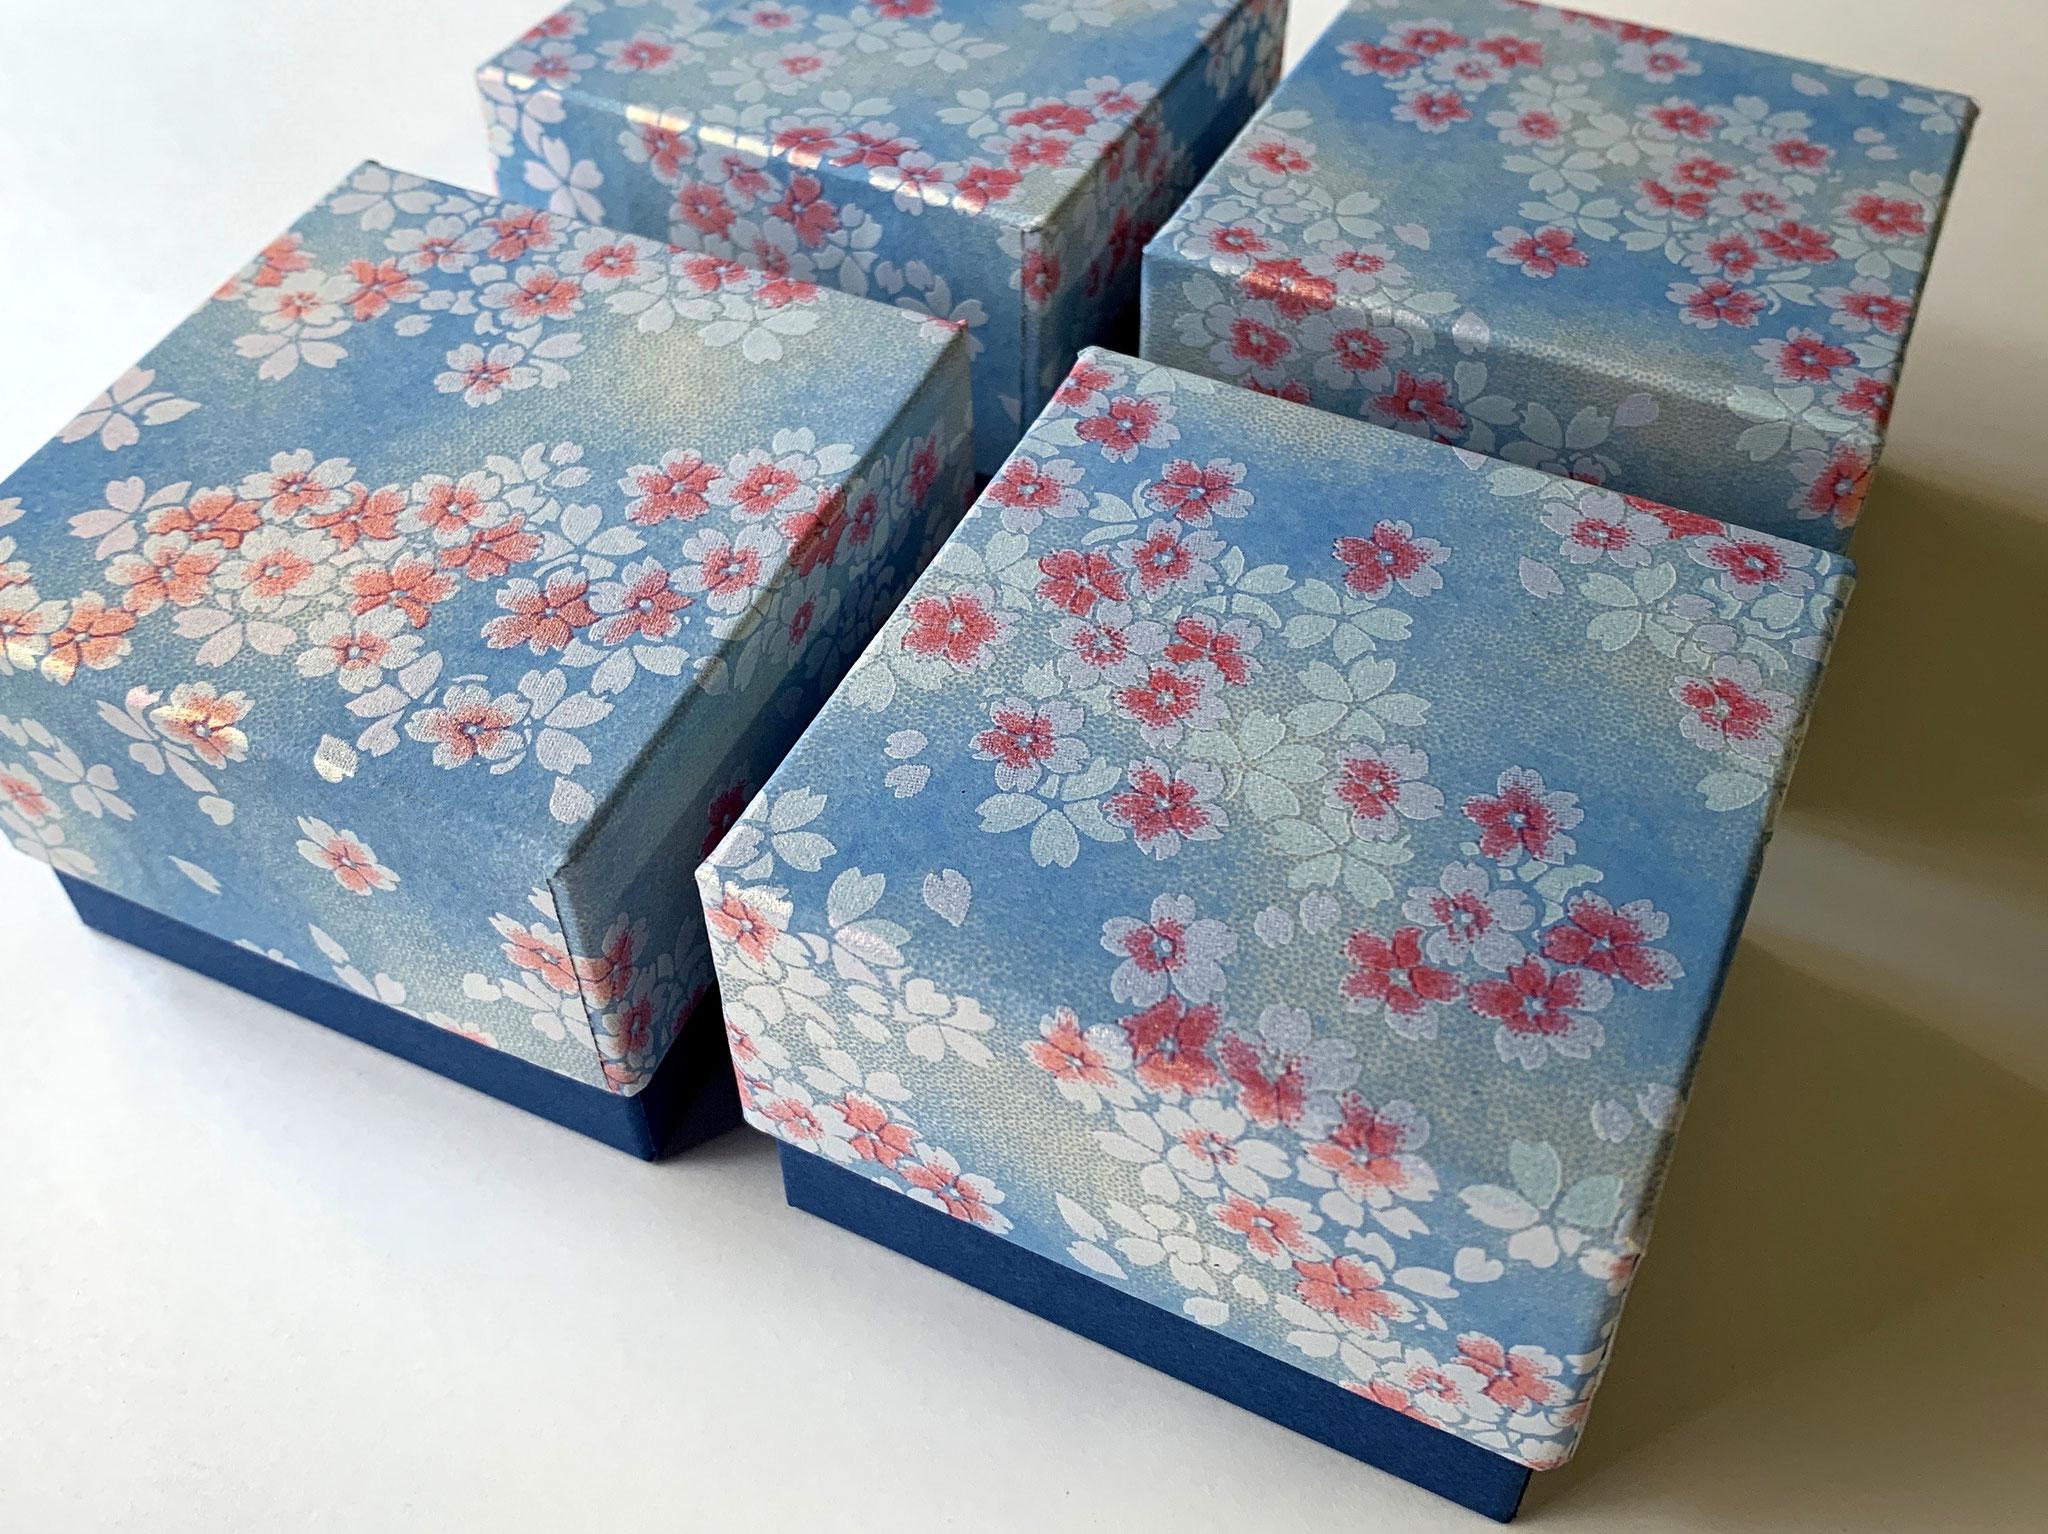 青を基調にして手加工で作製した千代紙と鳥の子紙の貼箱